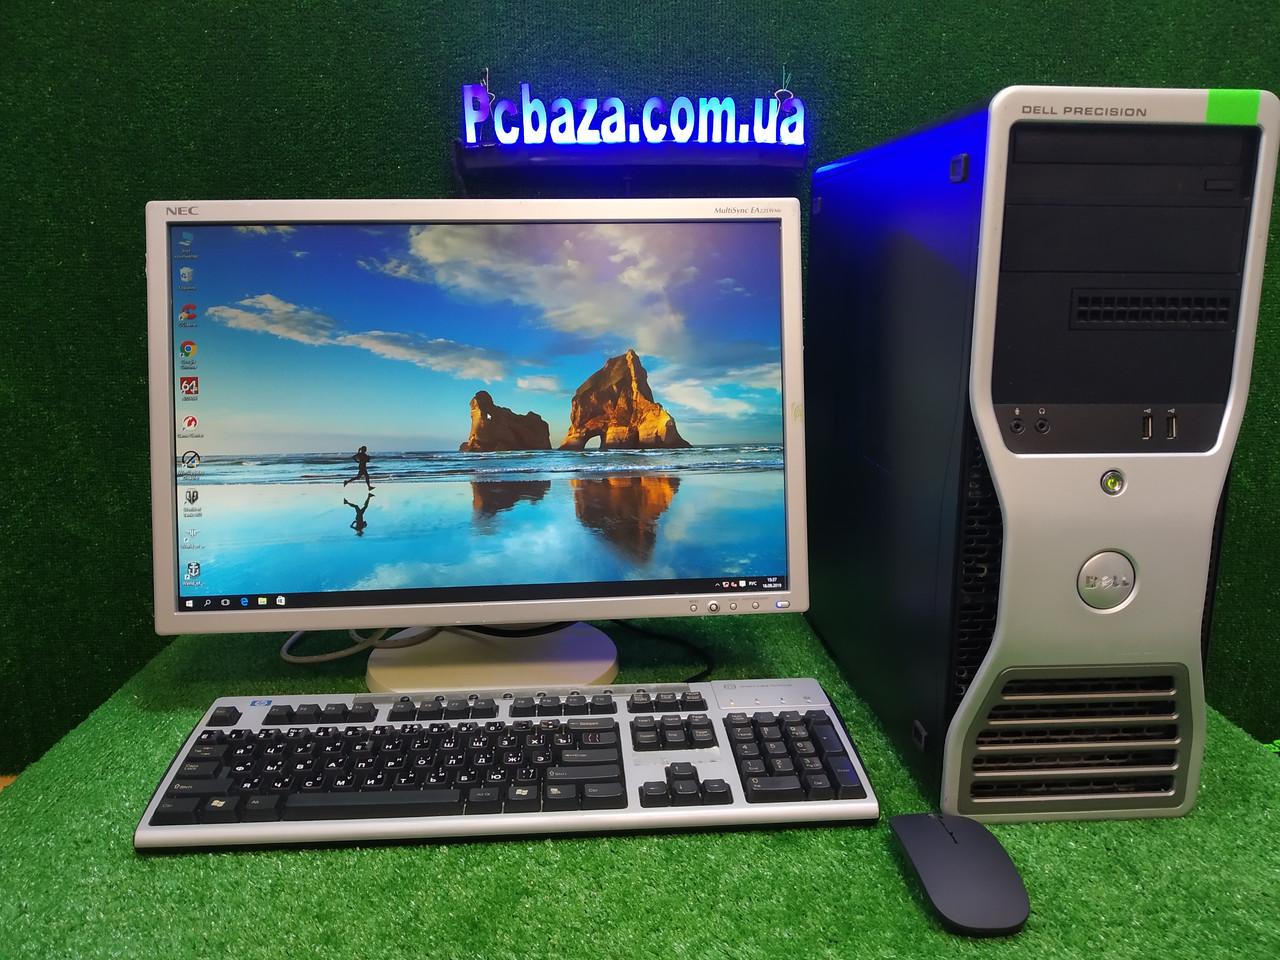 """Компьютер Dell с монитором 22"""" NEC\ Intel 4 ядра, 4 ГБ ОЗУ, 500 Гб HDD"""